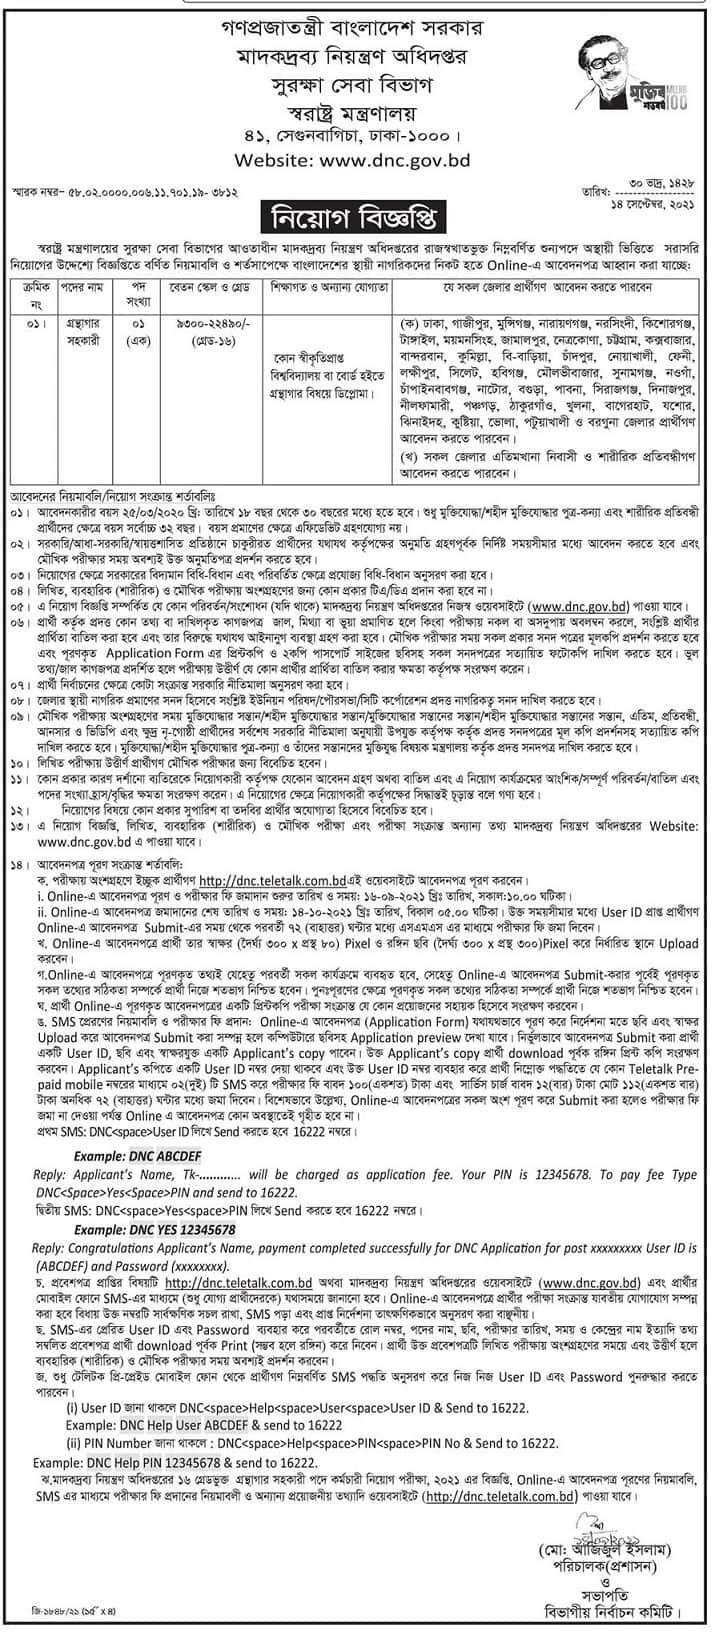 https://bdjobs24.net/wp-content/uploads/2021/10/Ministry-of-Home-Affairs-Job-Circular-2021.jpg